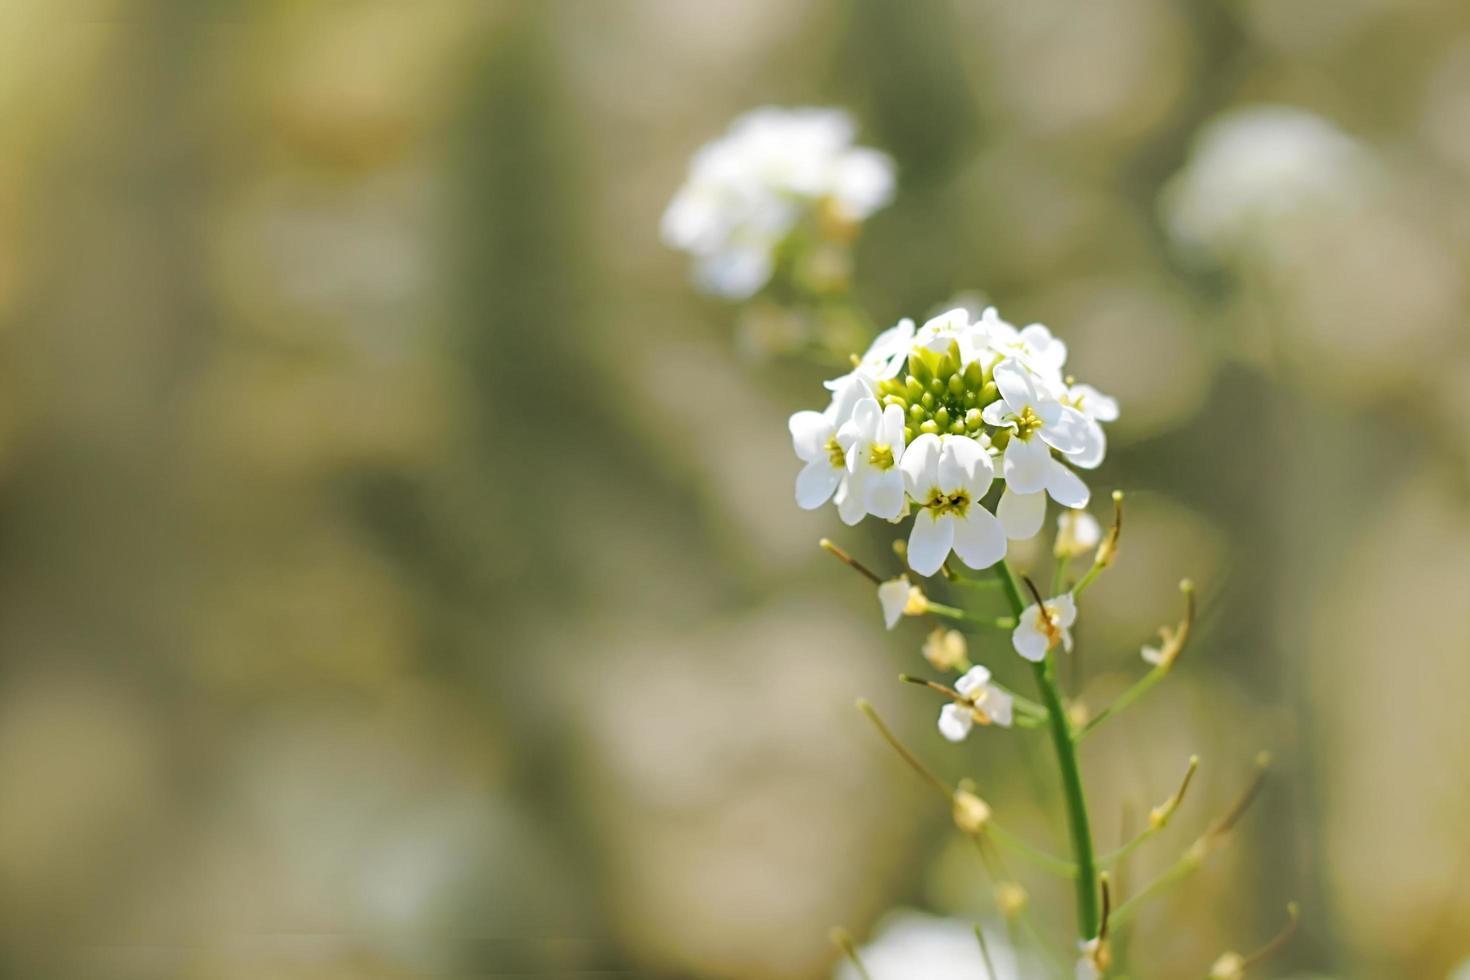 fiori bianchi in campo foto